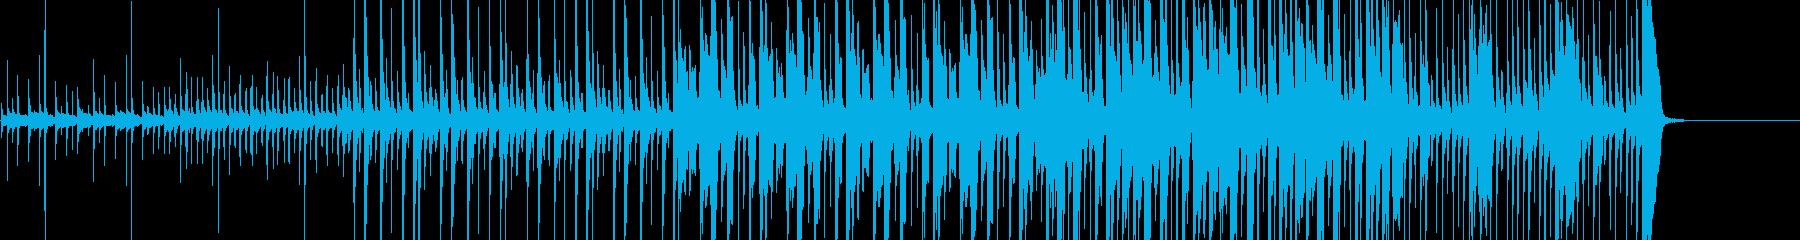 ベースとパーカッションによるワールドBGの再生済みの波形